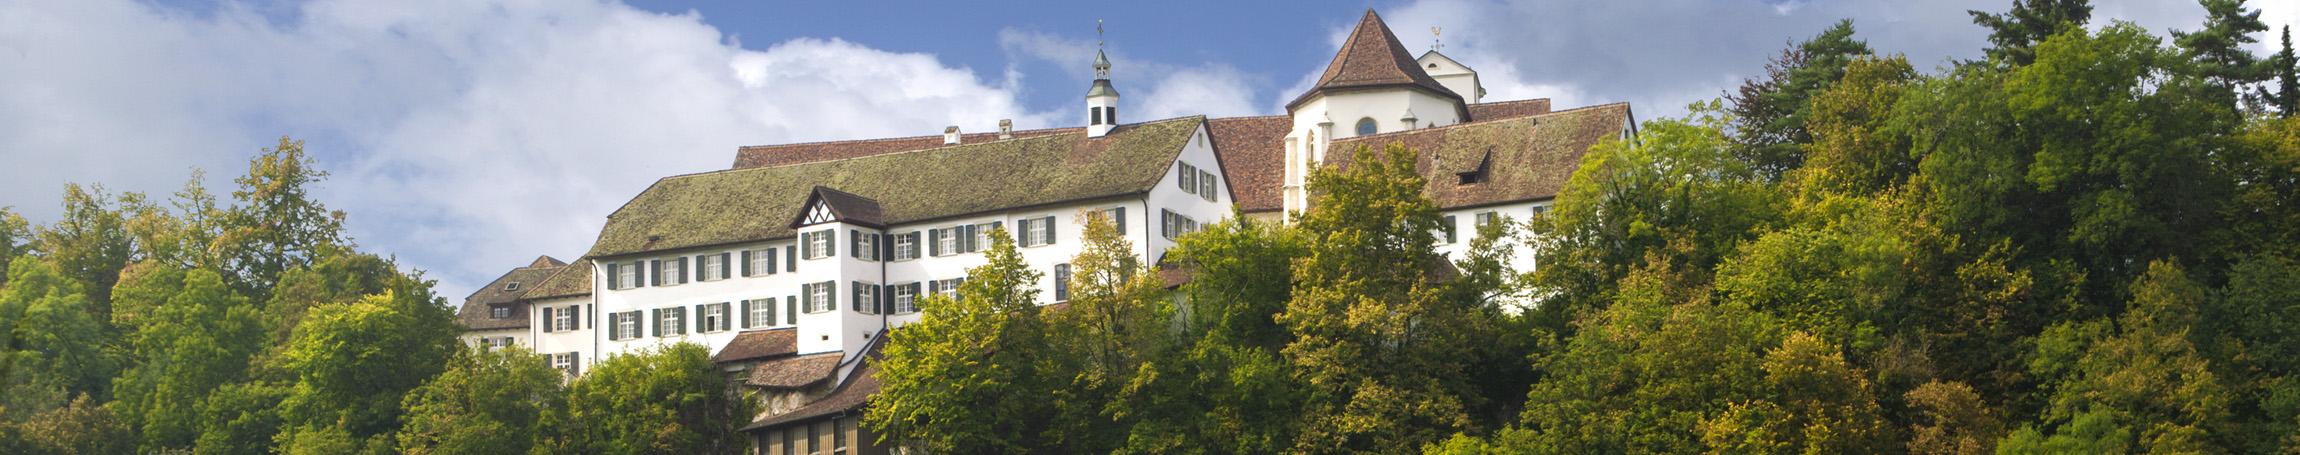 wochenende im kloster schweiz